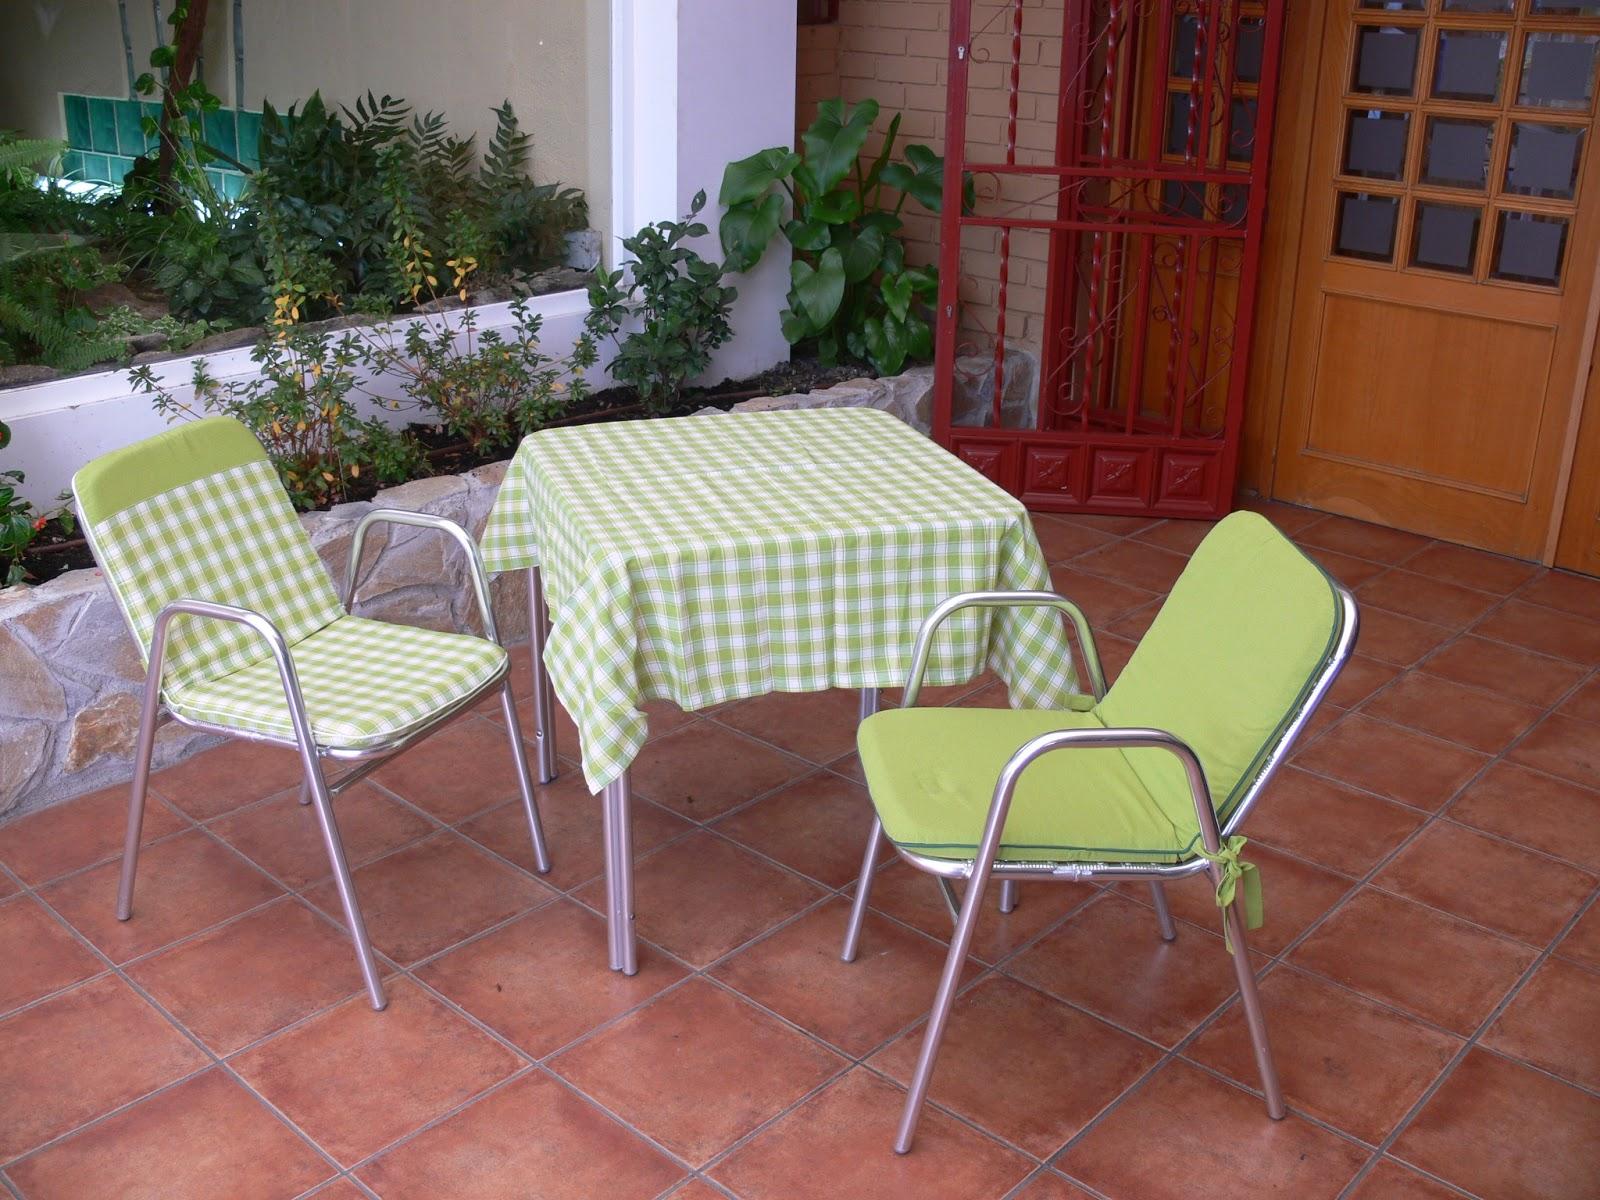 Creaciones mida michel dami cojines de terraza - Cojines para terrazas ...